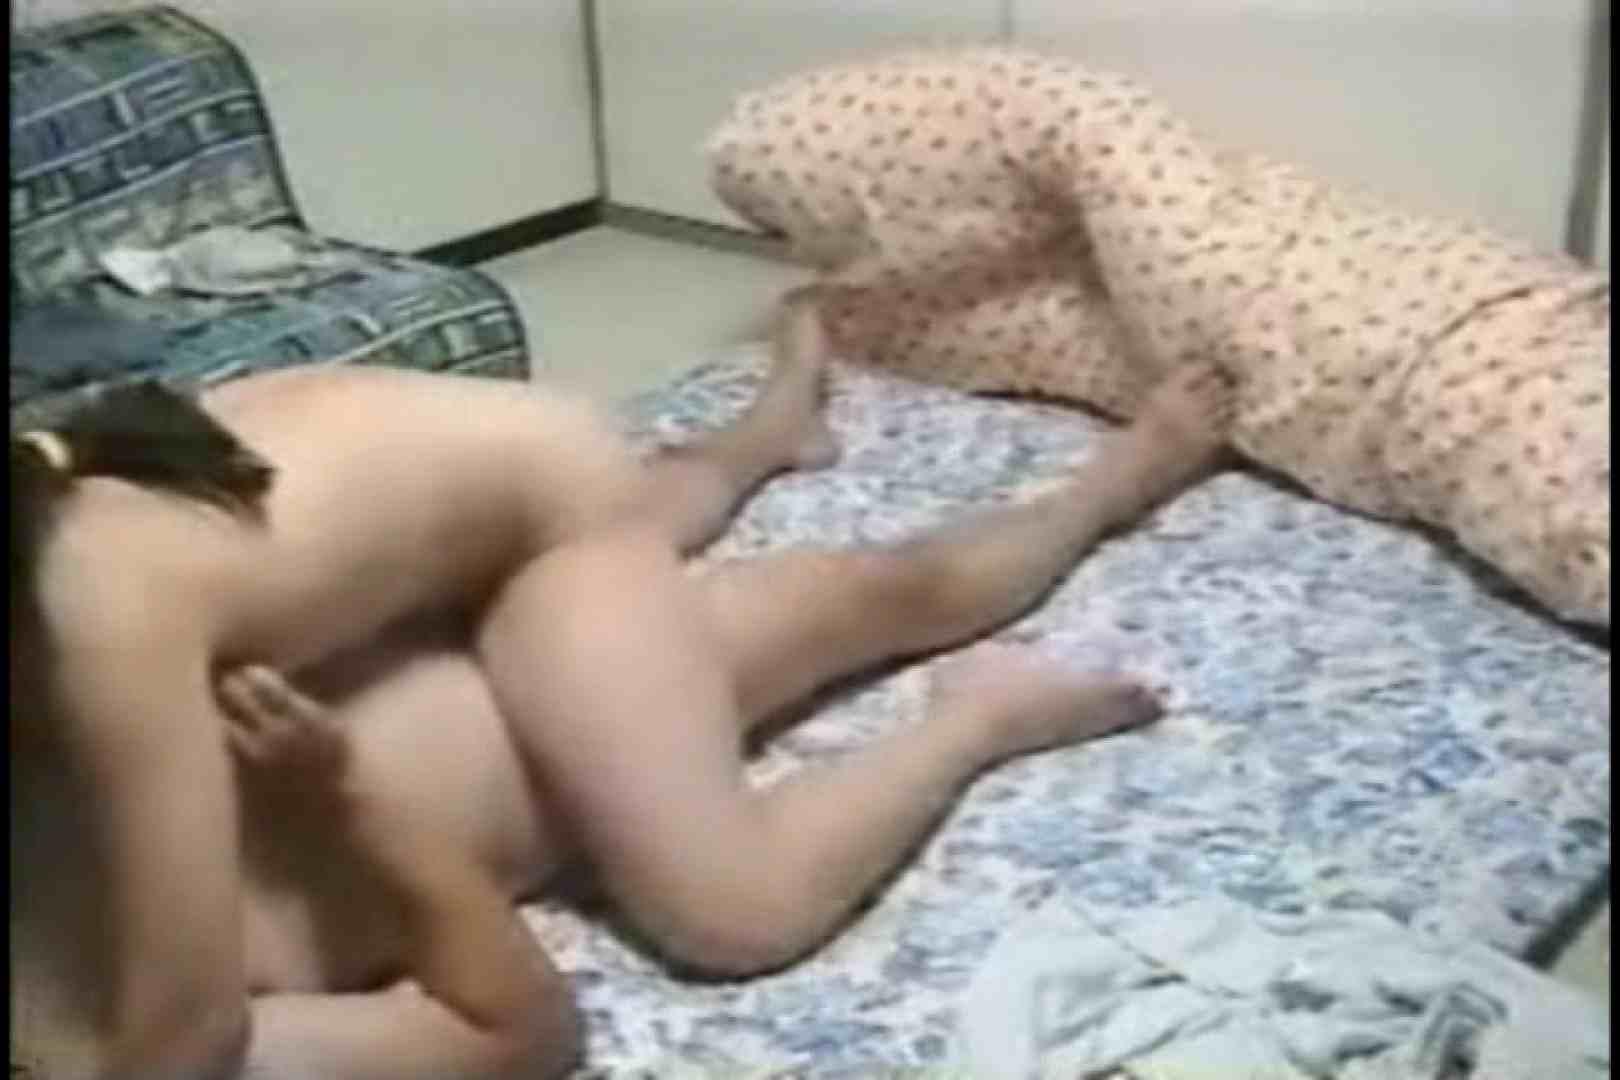 続・某掲示板に投稿された素人女性たちvol.3 素人丸裸 ヌード画像 95pic 23